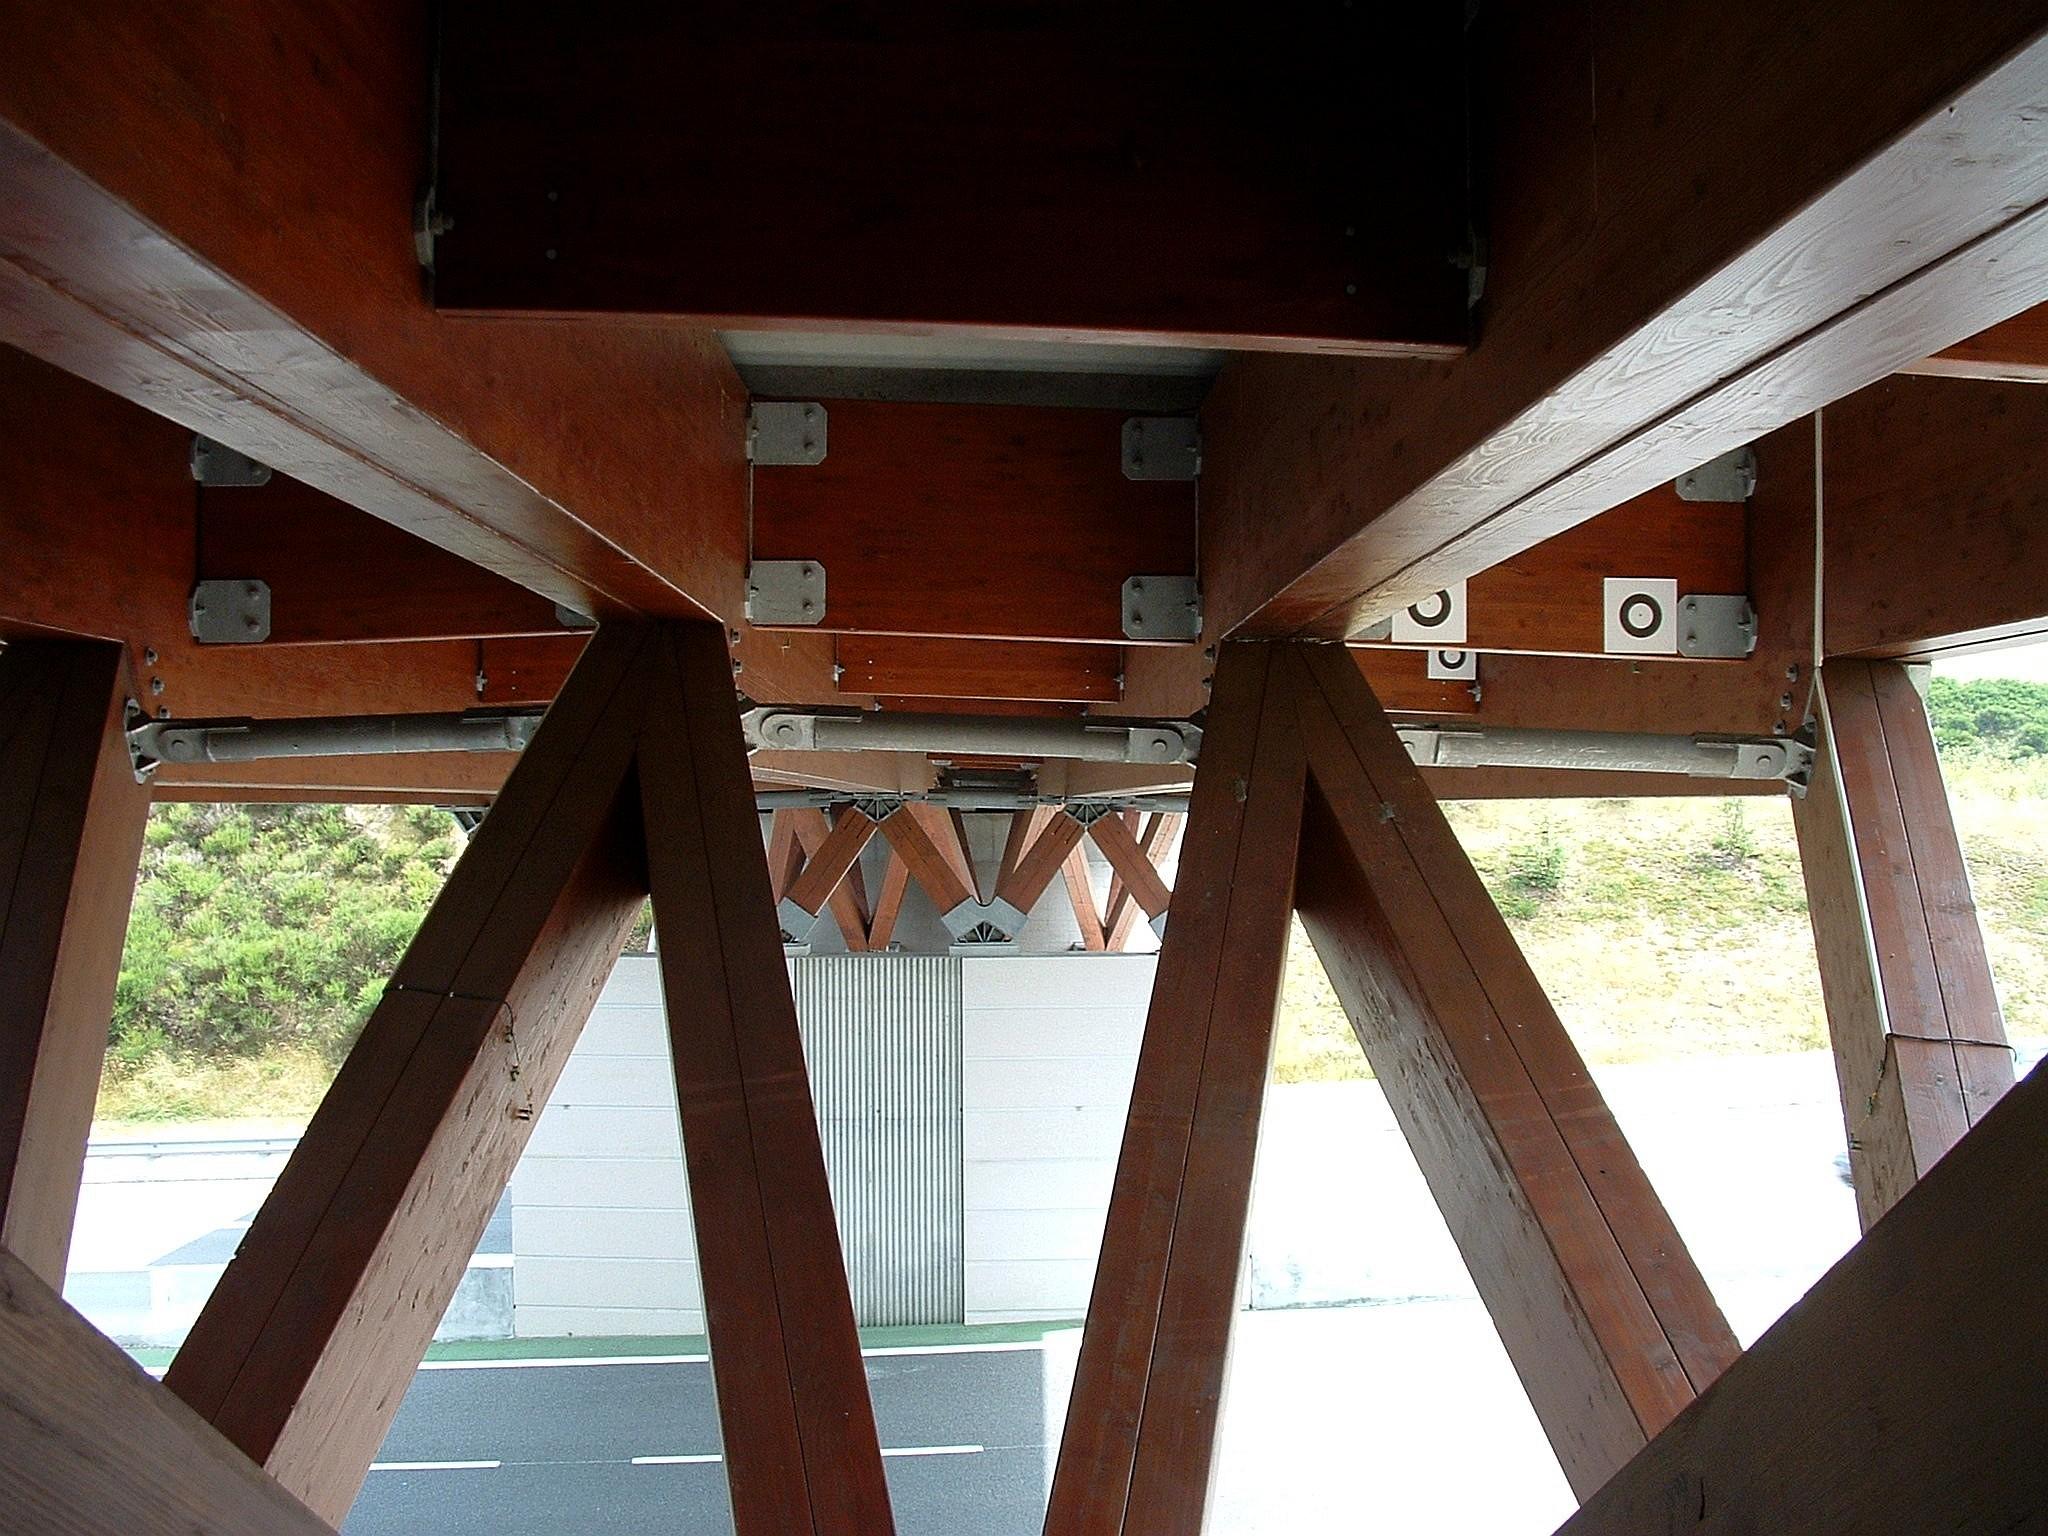 file a89 pont de l 39 aire de service de chavanon appuis. Black Bedroom Furniture Sets. Home Design Ideas